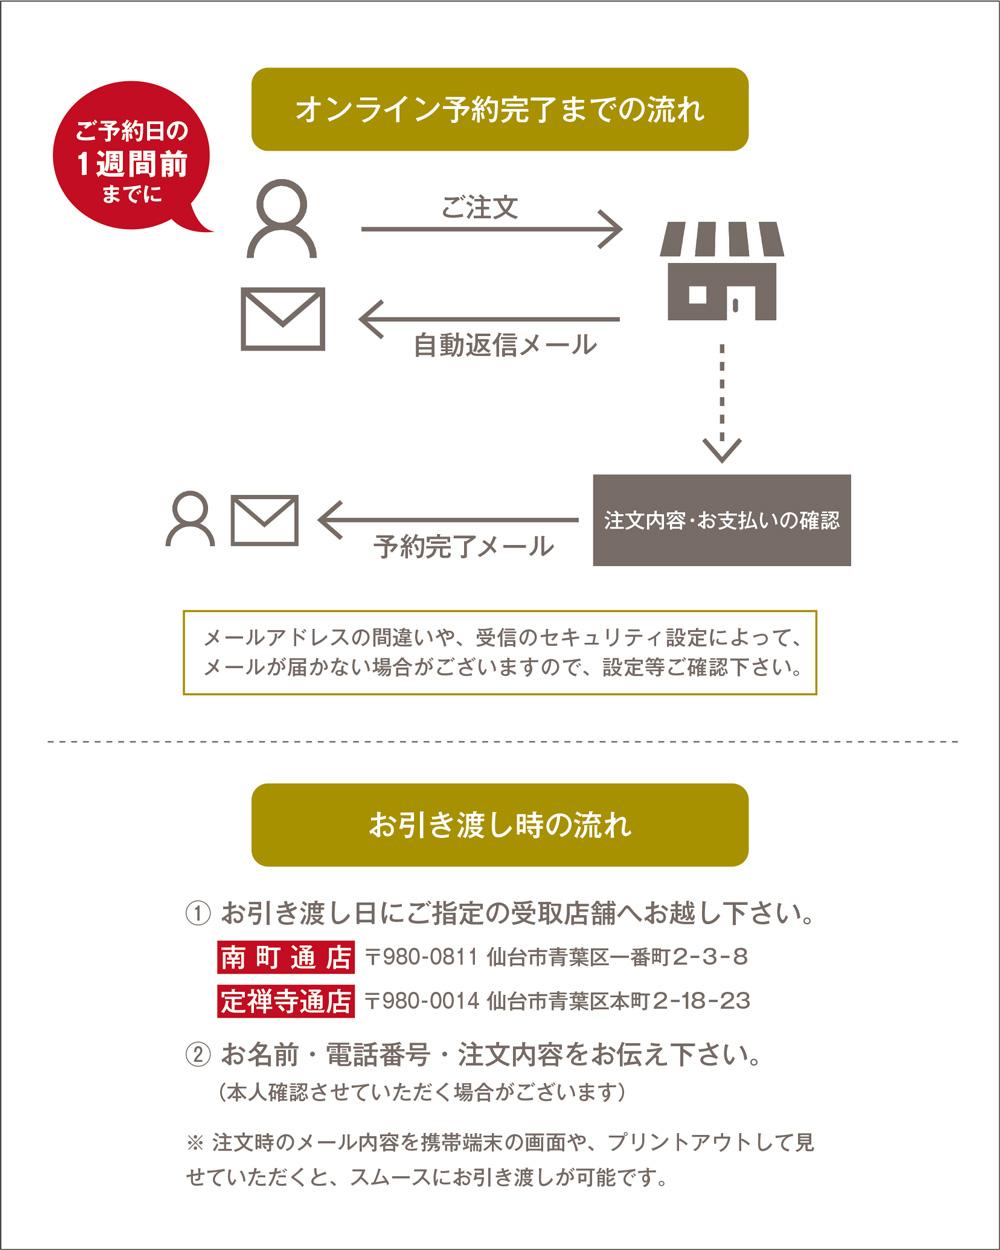 【店頭受取】 04/祇園/丸型 【アントルメご予約】